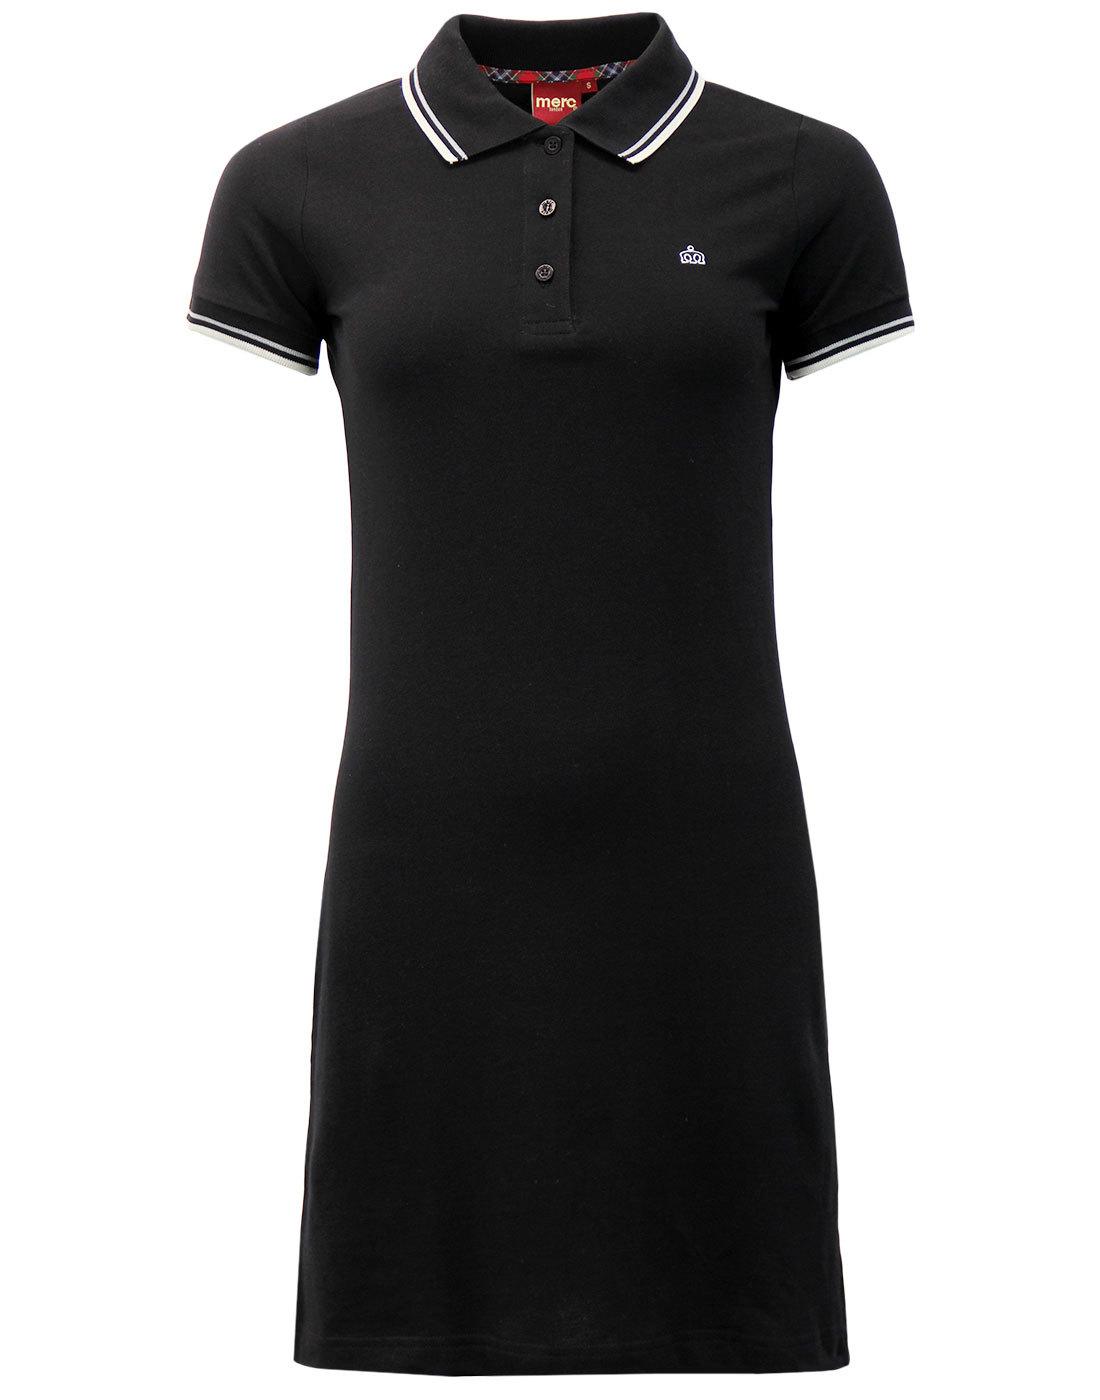 Kara MERC Retro Mod Tipped Pique Polo Dress BLACK